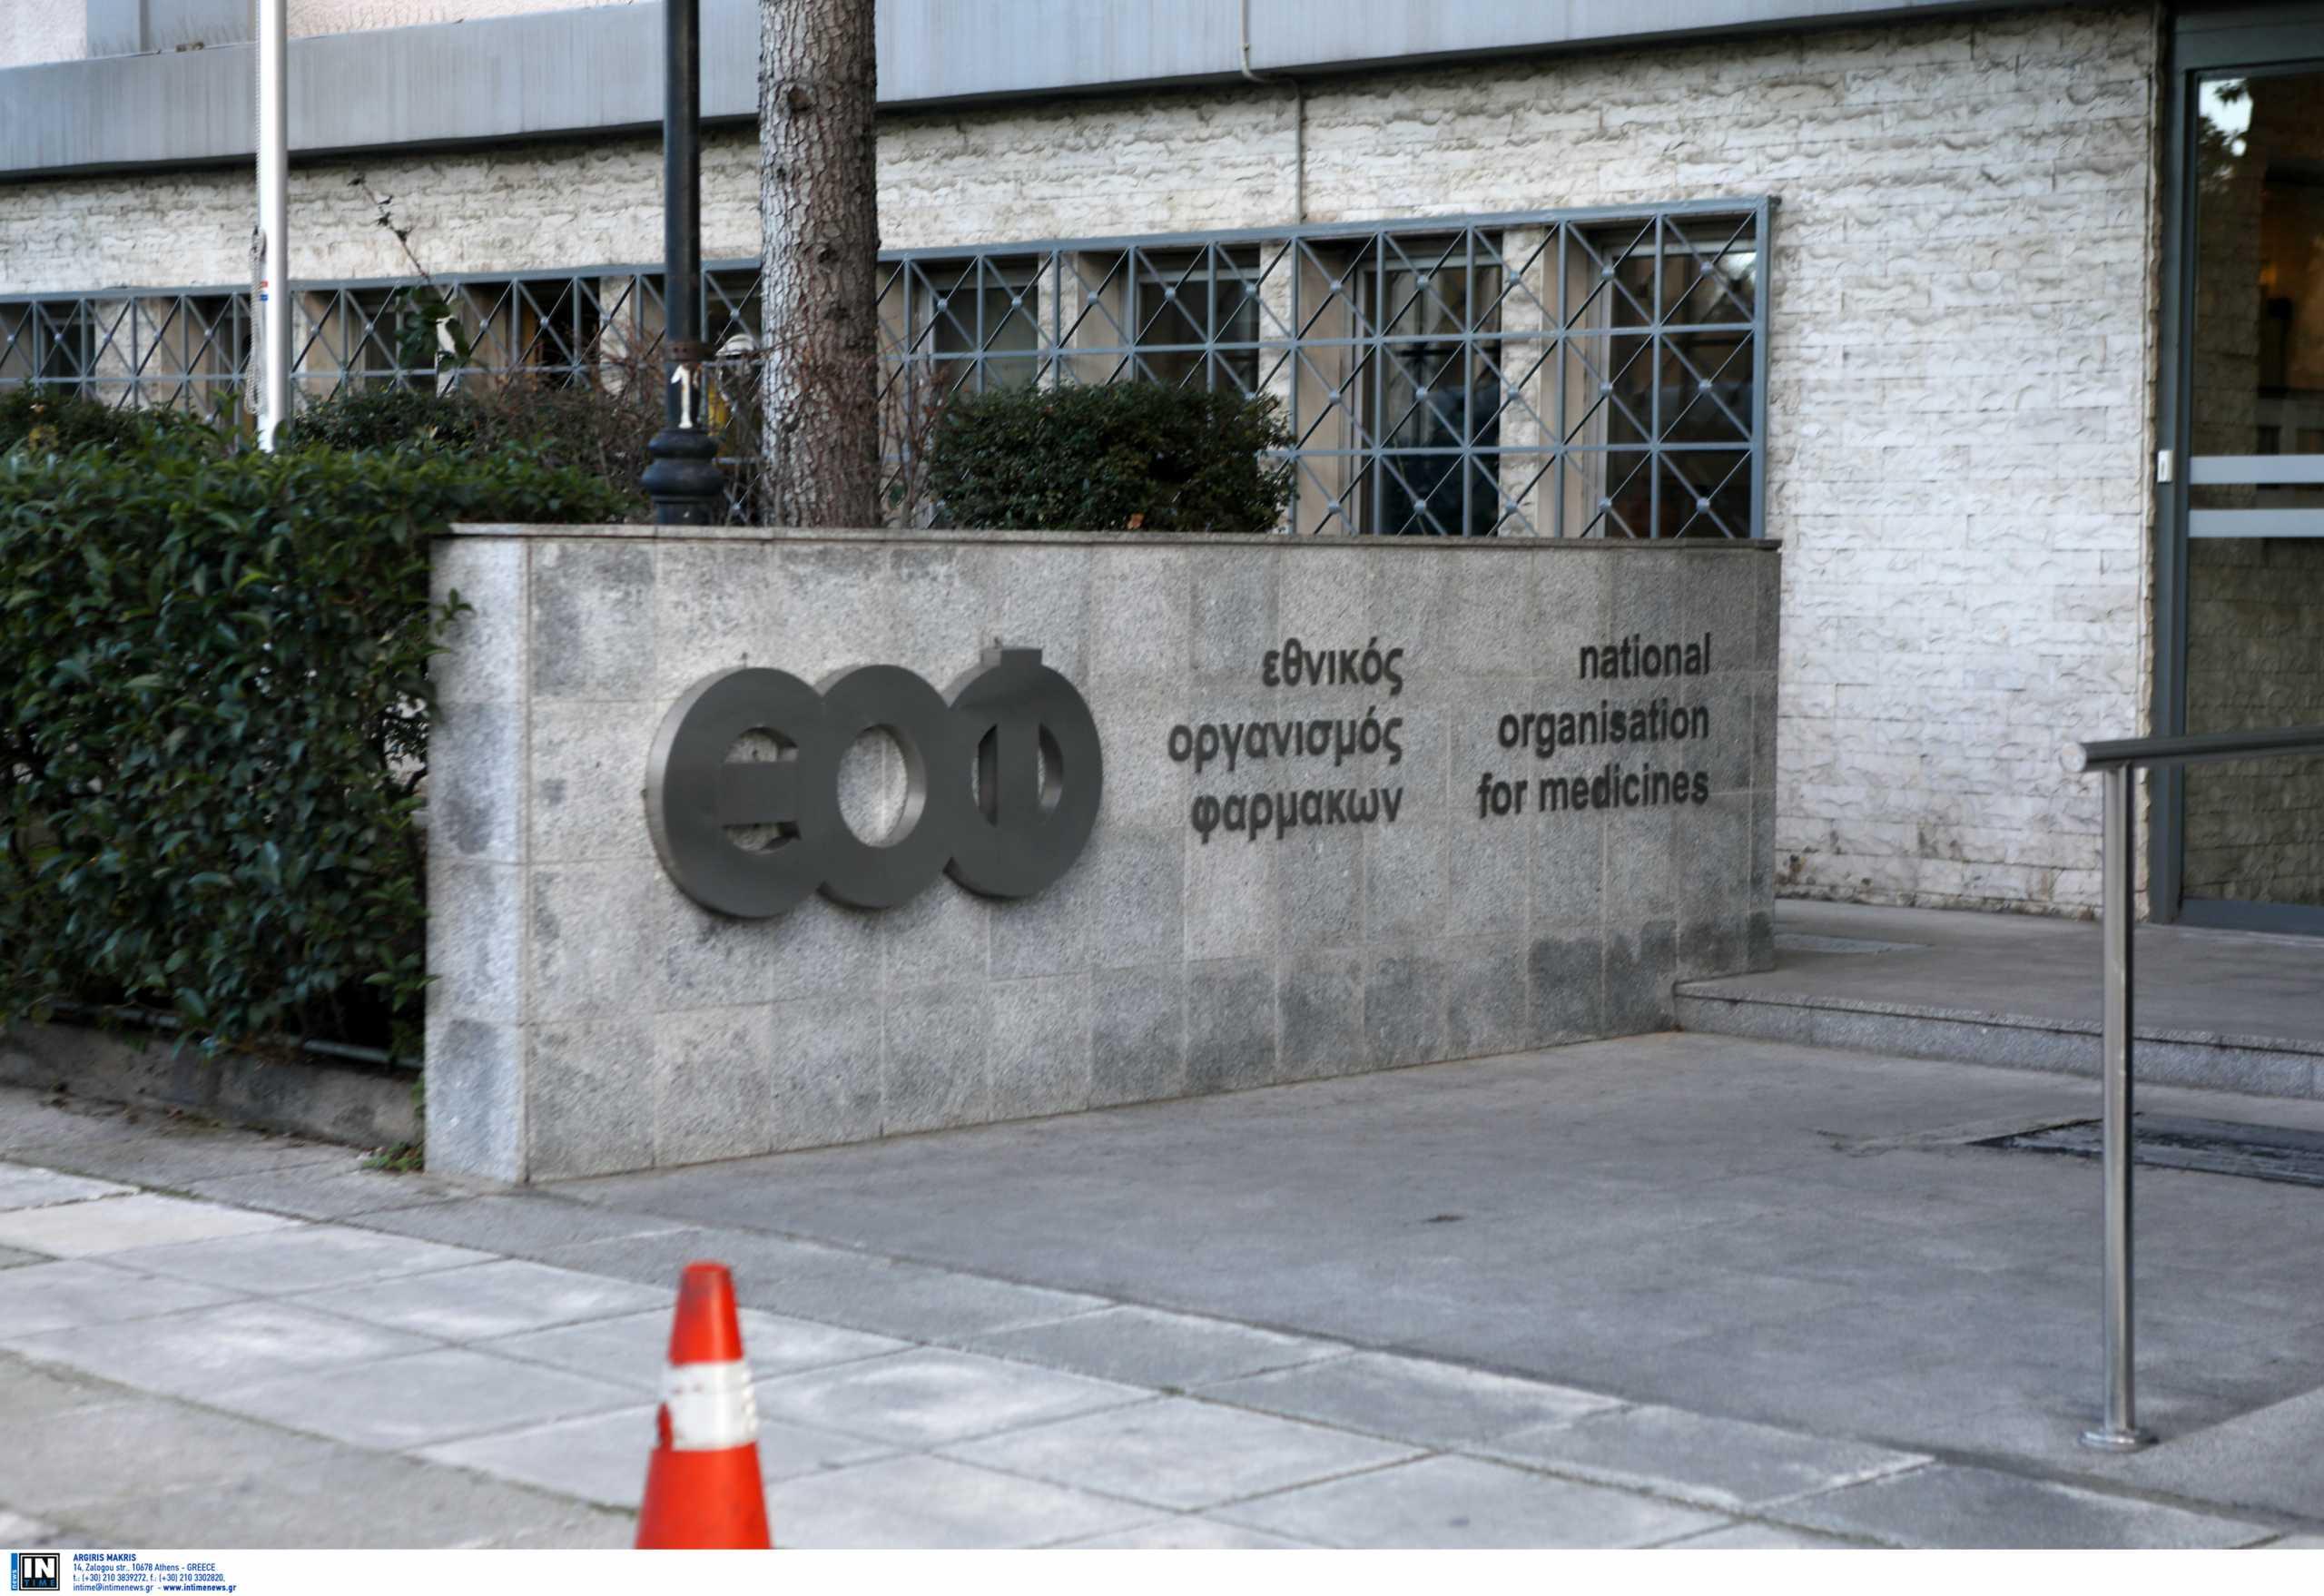 Απάντηση του ΕΟΦ στις καταγγελίες για τις παρενέργειες των εμβολίων: «Άδικο να λοιδωρείται το έργο μας από αμετροεπείς συμπεριφορές»